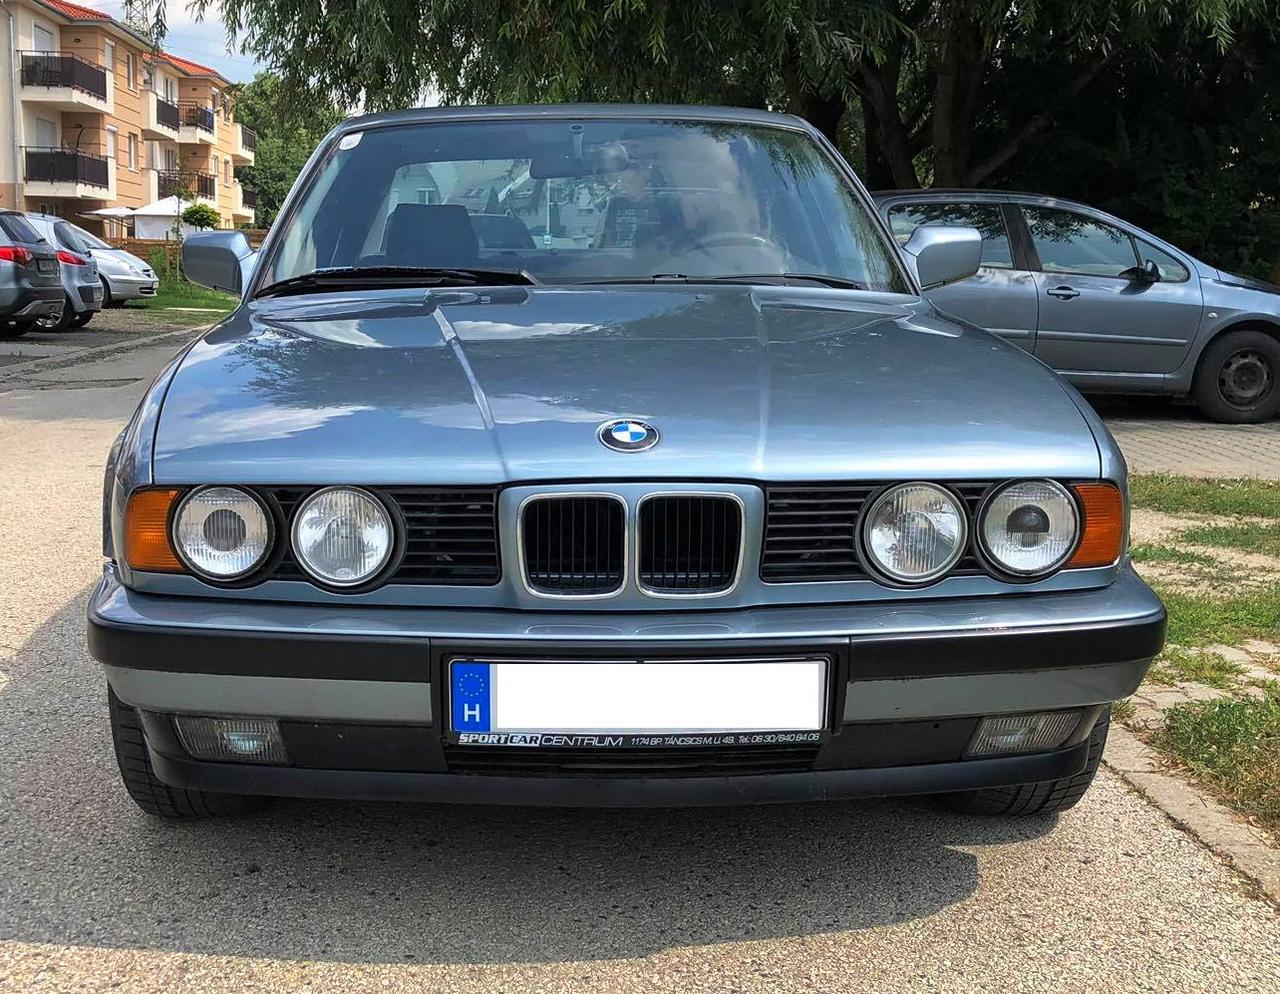 M kiegészítőkkel nemcsak dögösebb, hanem erősebb is az új 5-ös BMW